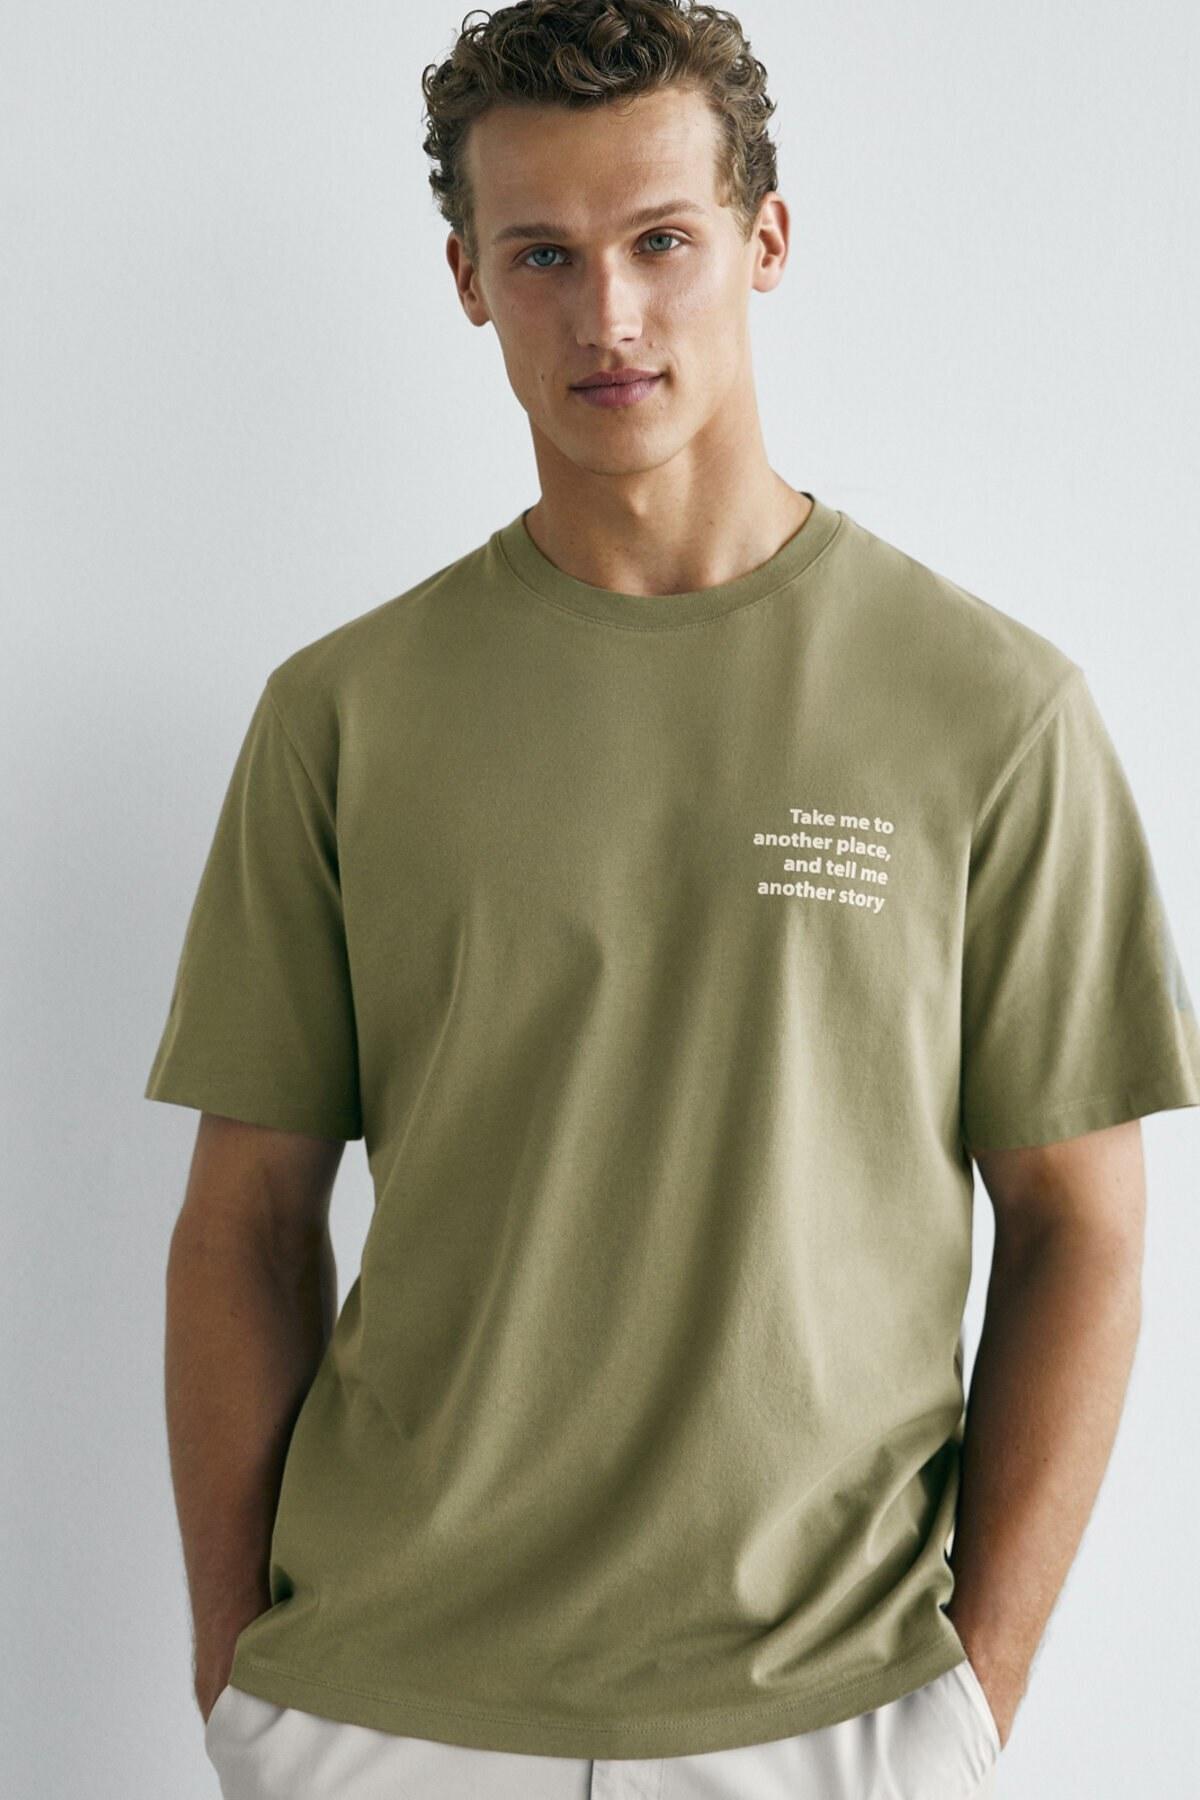 تصویر تیشرت مردانه ارزان برند Massimo Dutti رنگ نقره ای کد ty107214511